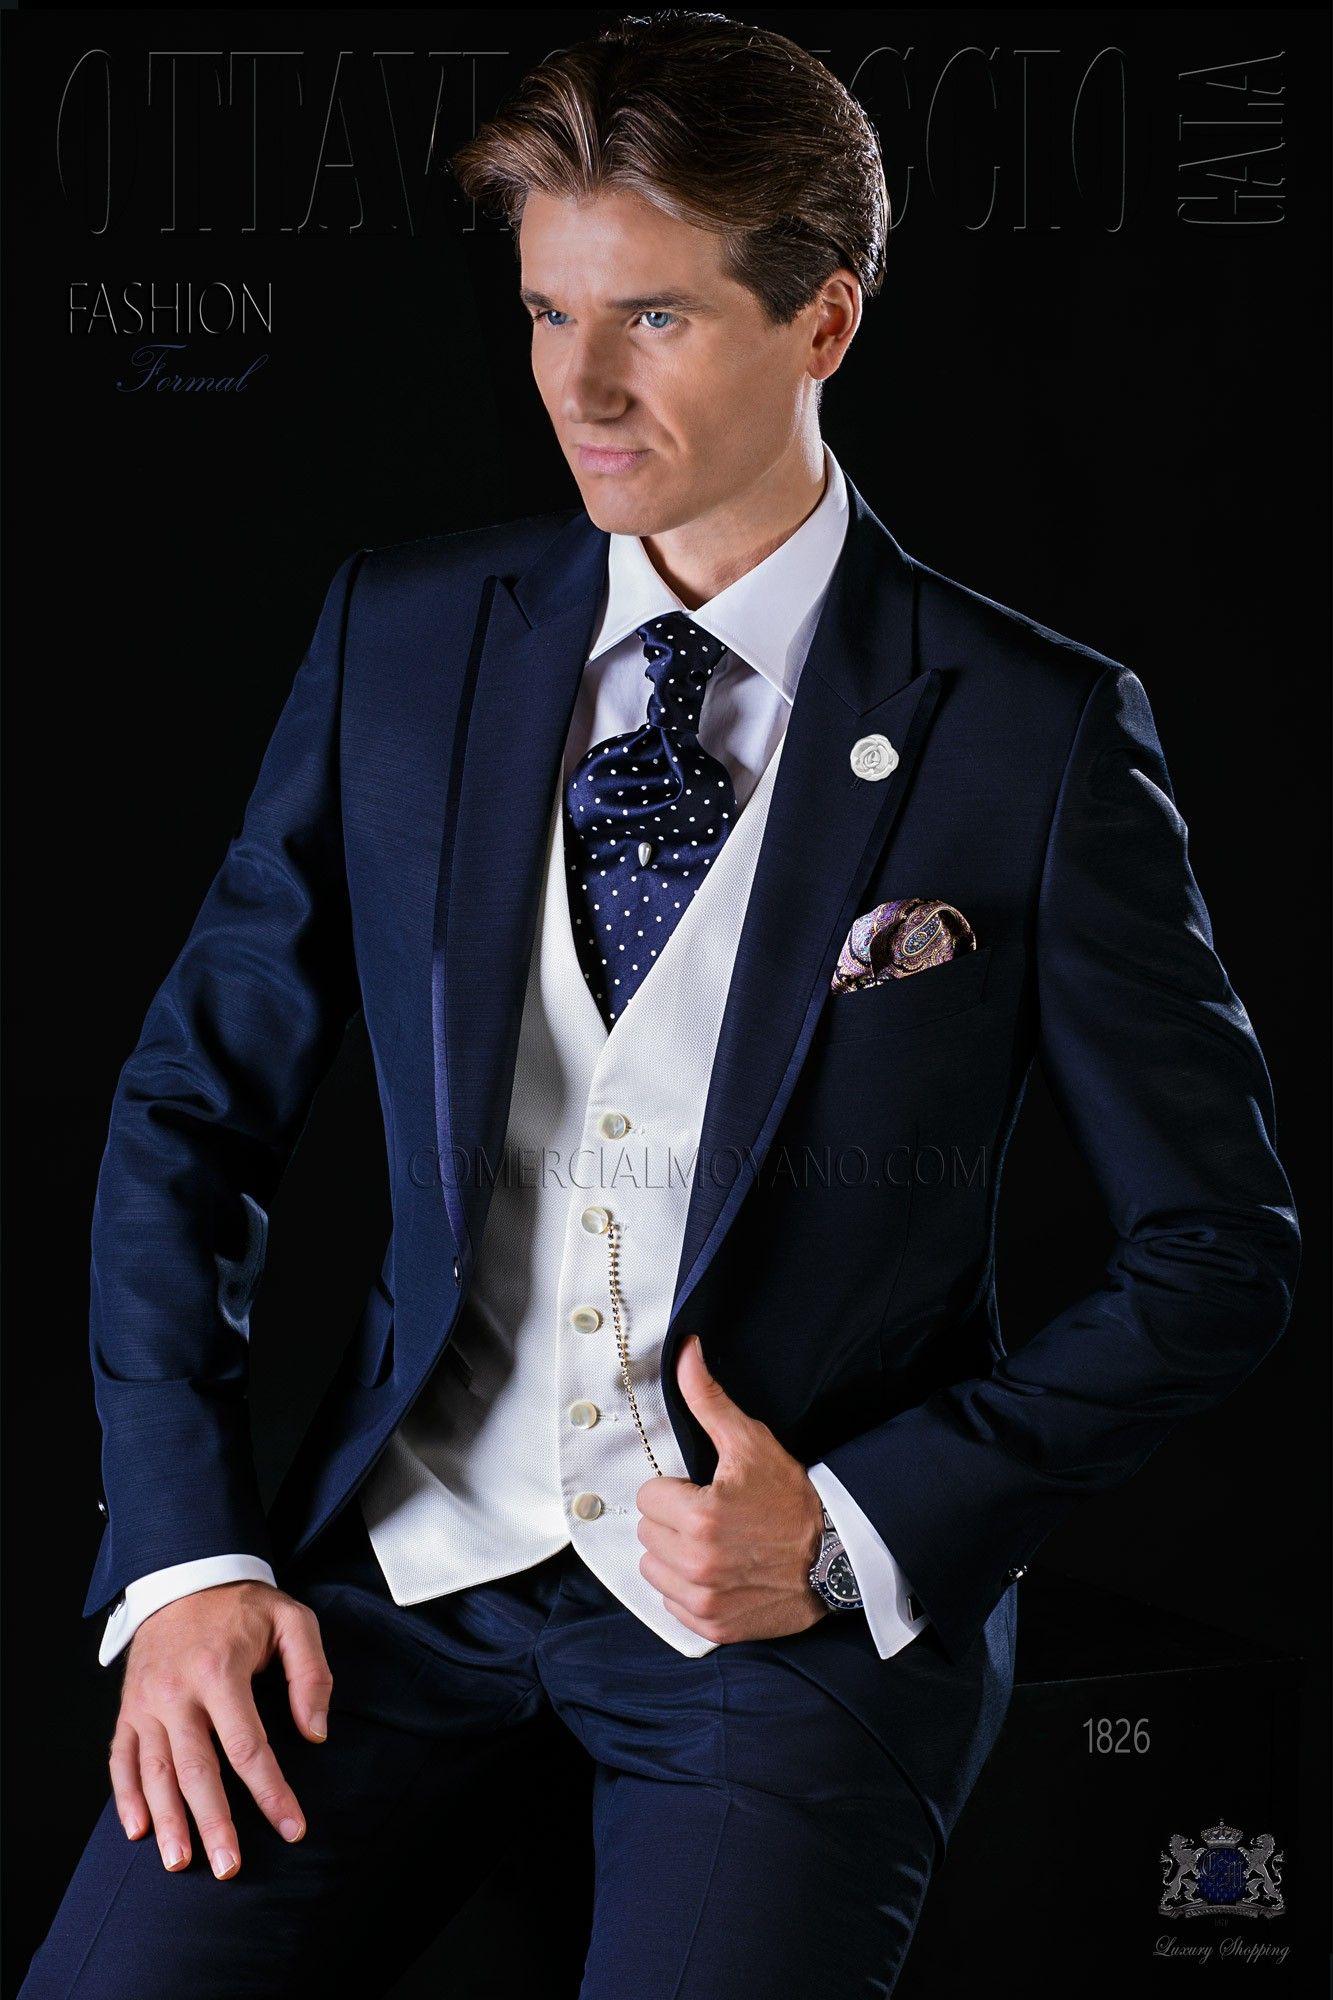 italienisch blaue br utigam anzug mit steigendes revers satin kontrast und 1 knopf aus. Black Bedroom Furniture Sets. Home Design Ideas